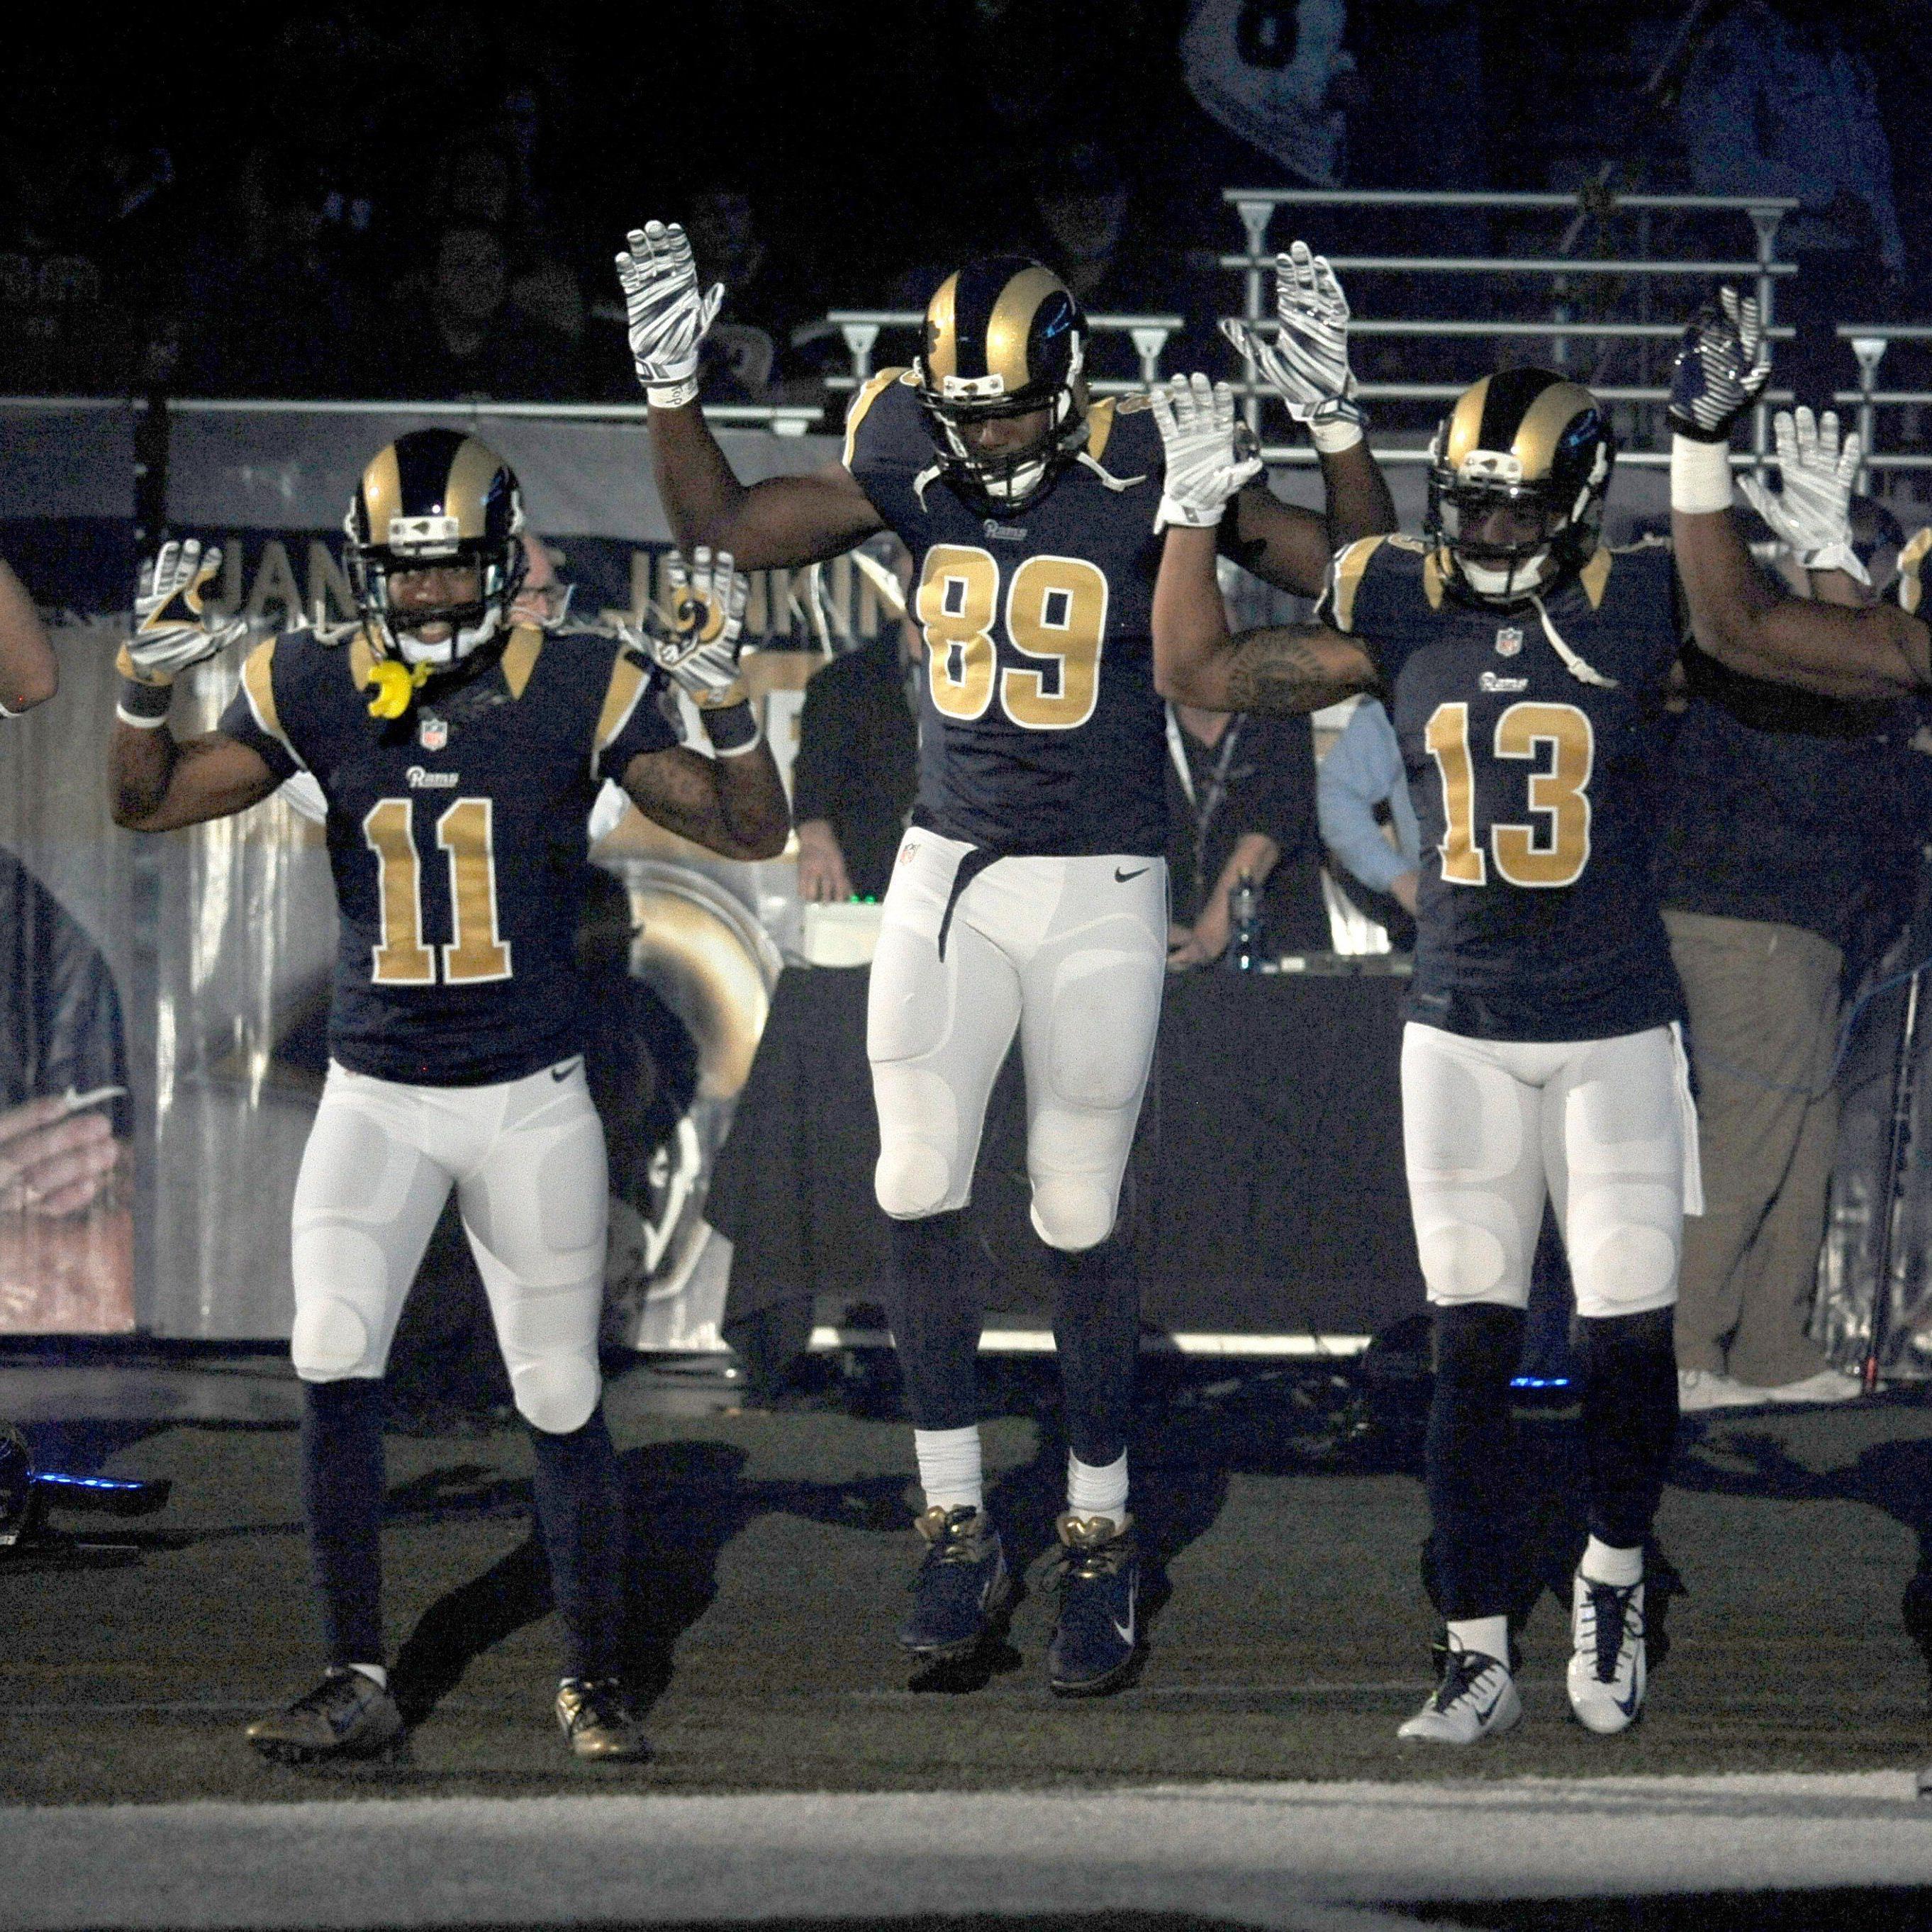 Erhobene Hände bei den Rams-Speilern aus Protest gegen Nicht-Verurteilung von Todesschützen Wilson.